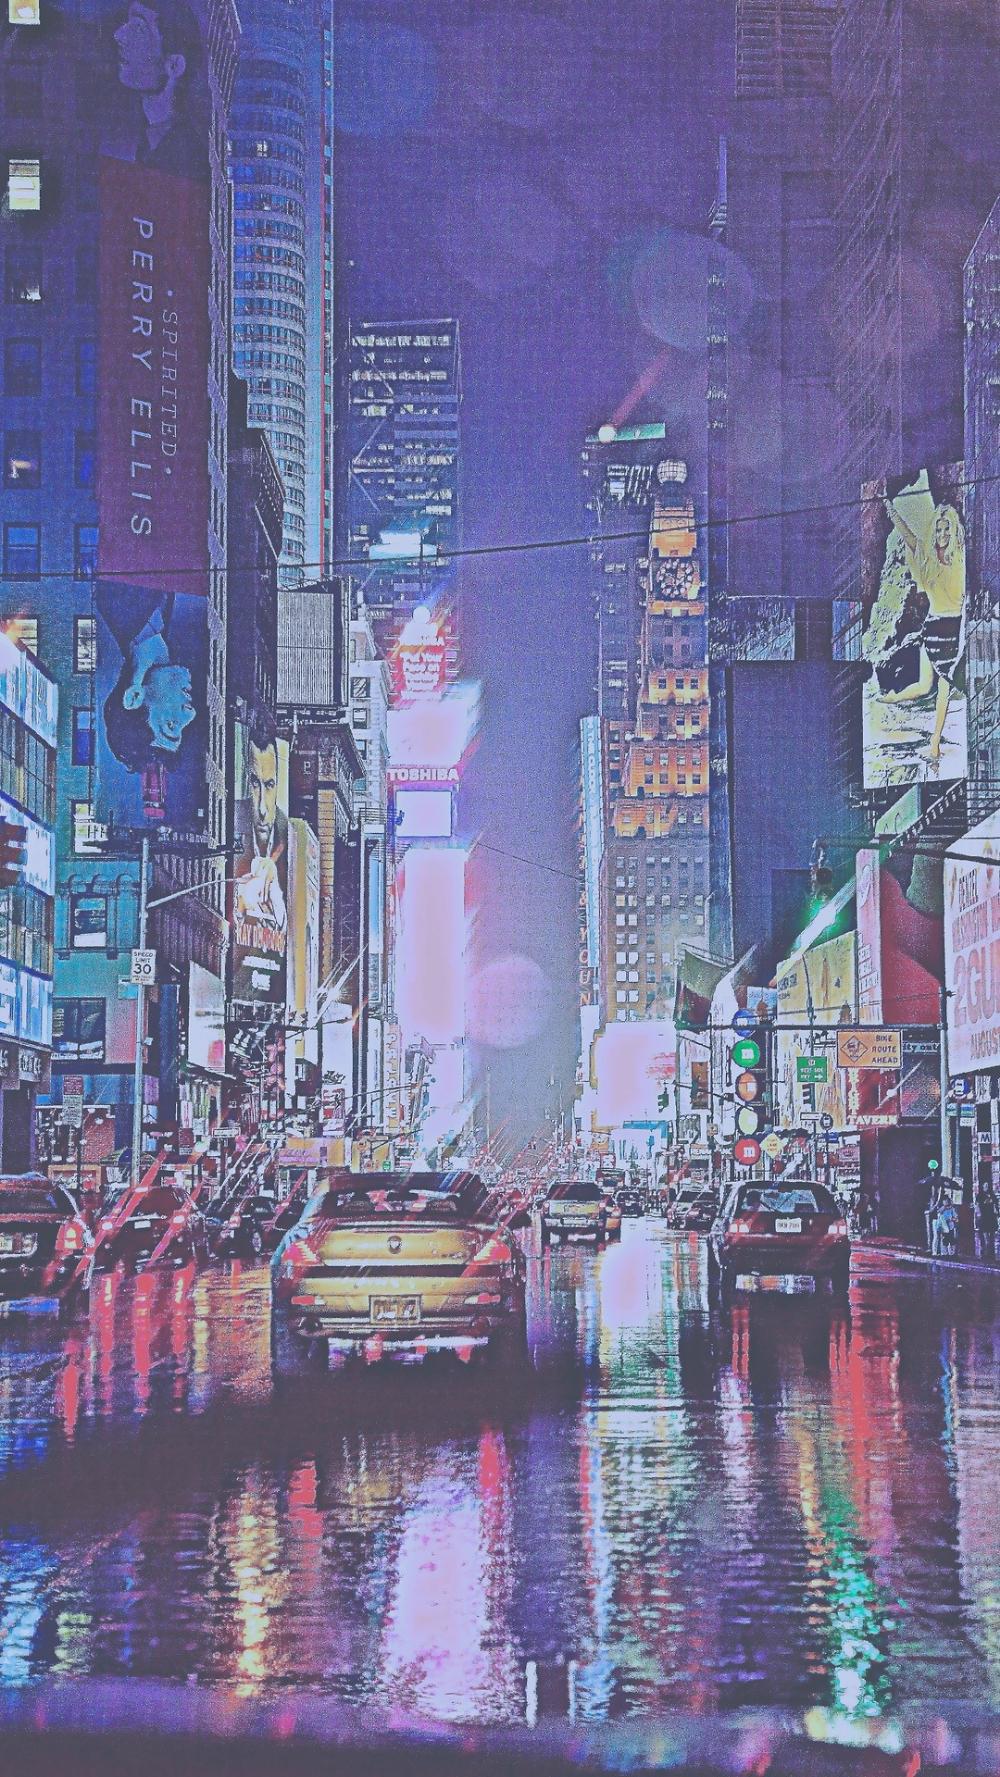 夜景のイラスト Iphone 壁紙 Iphone 写真 ビンテージ写真